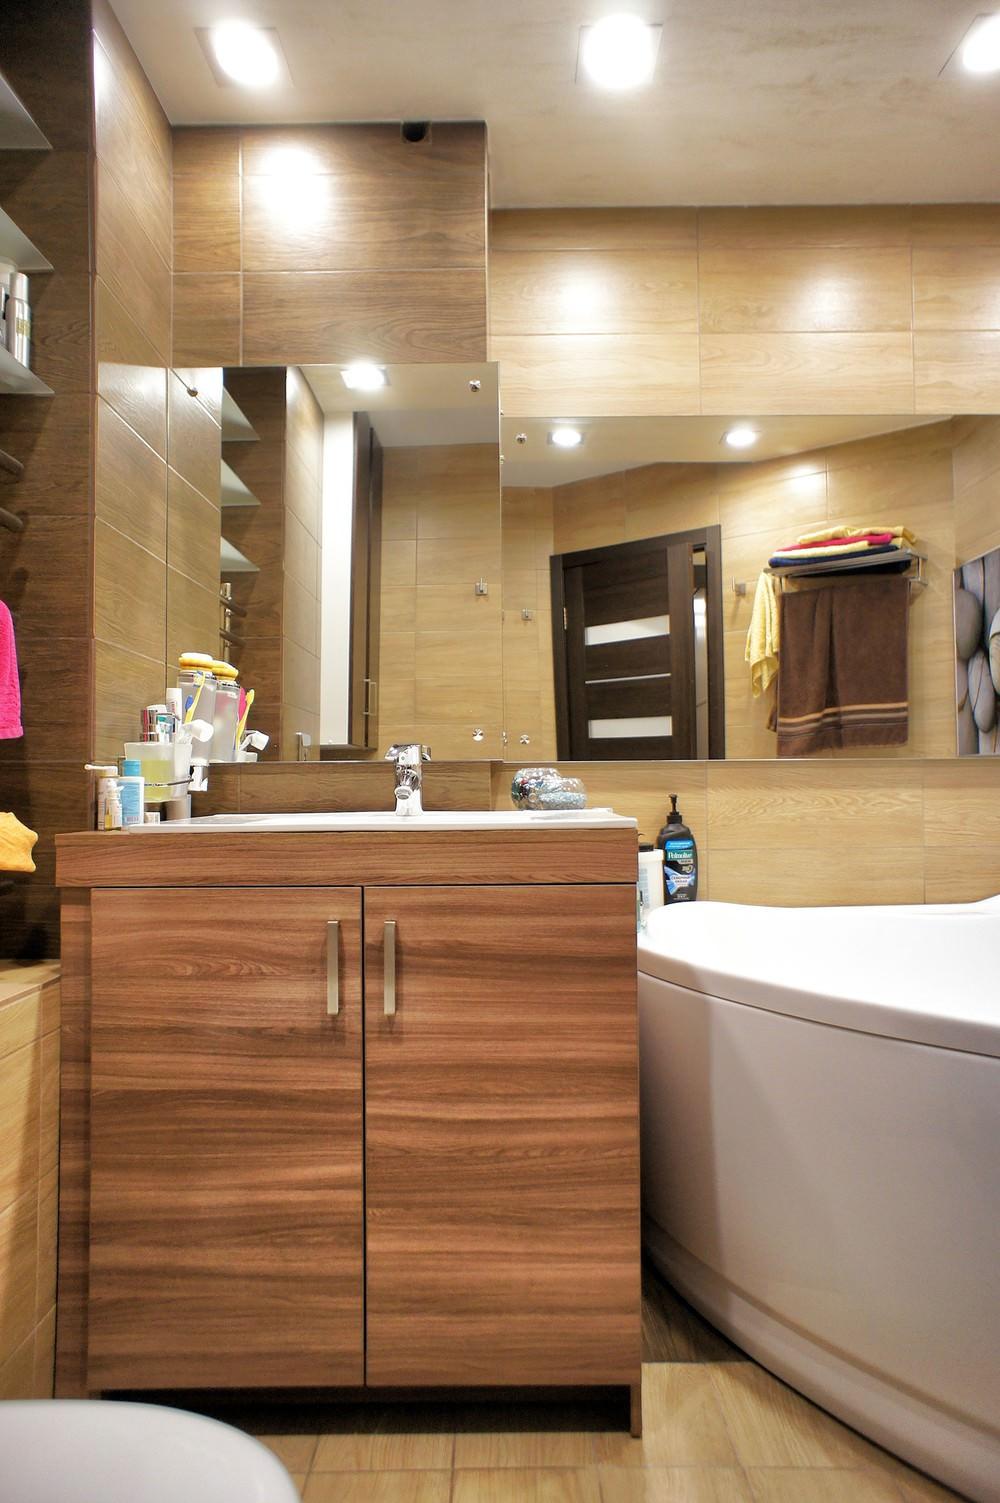 apartament-s-moderen-dizain-i-dinamichno-led-osvetlenie-914g